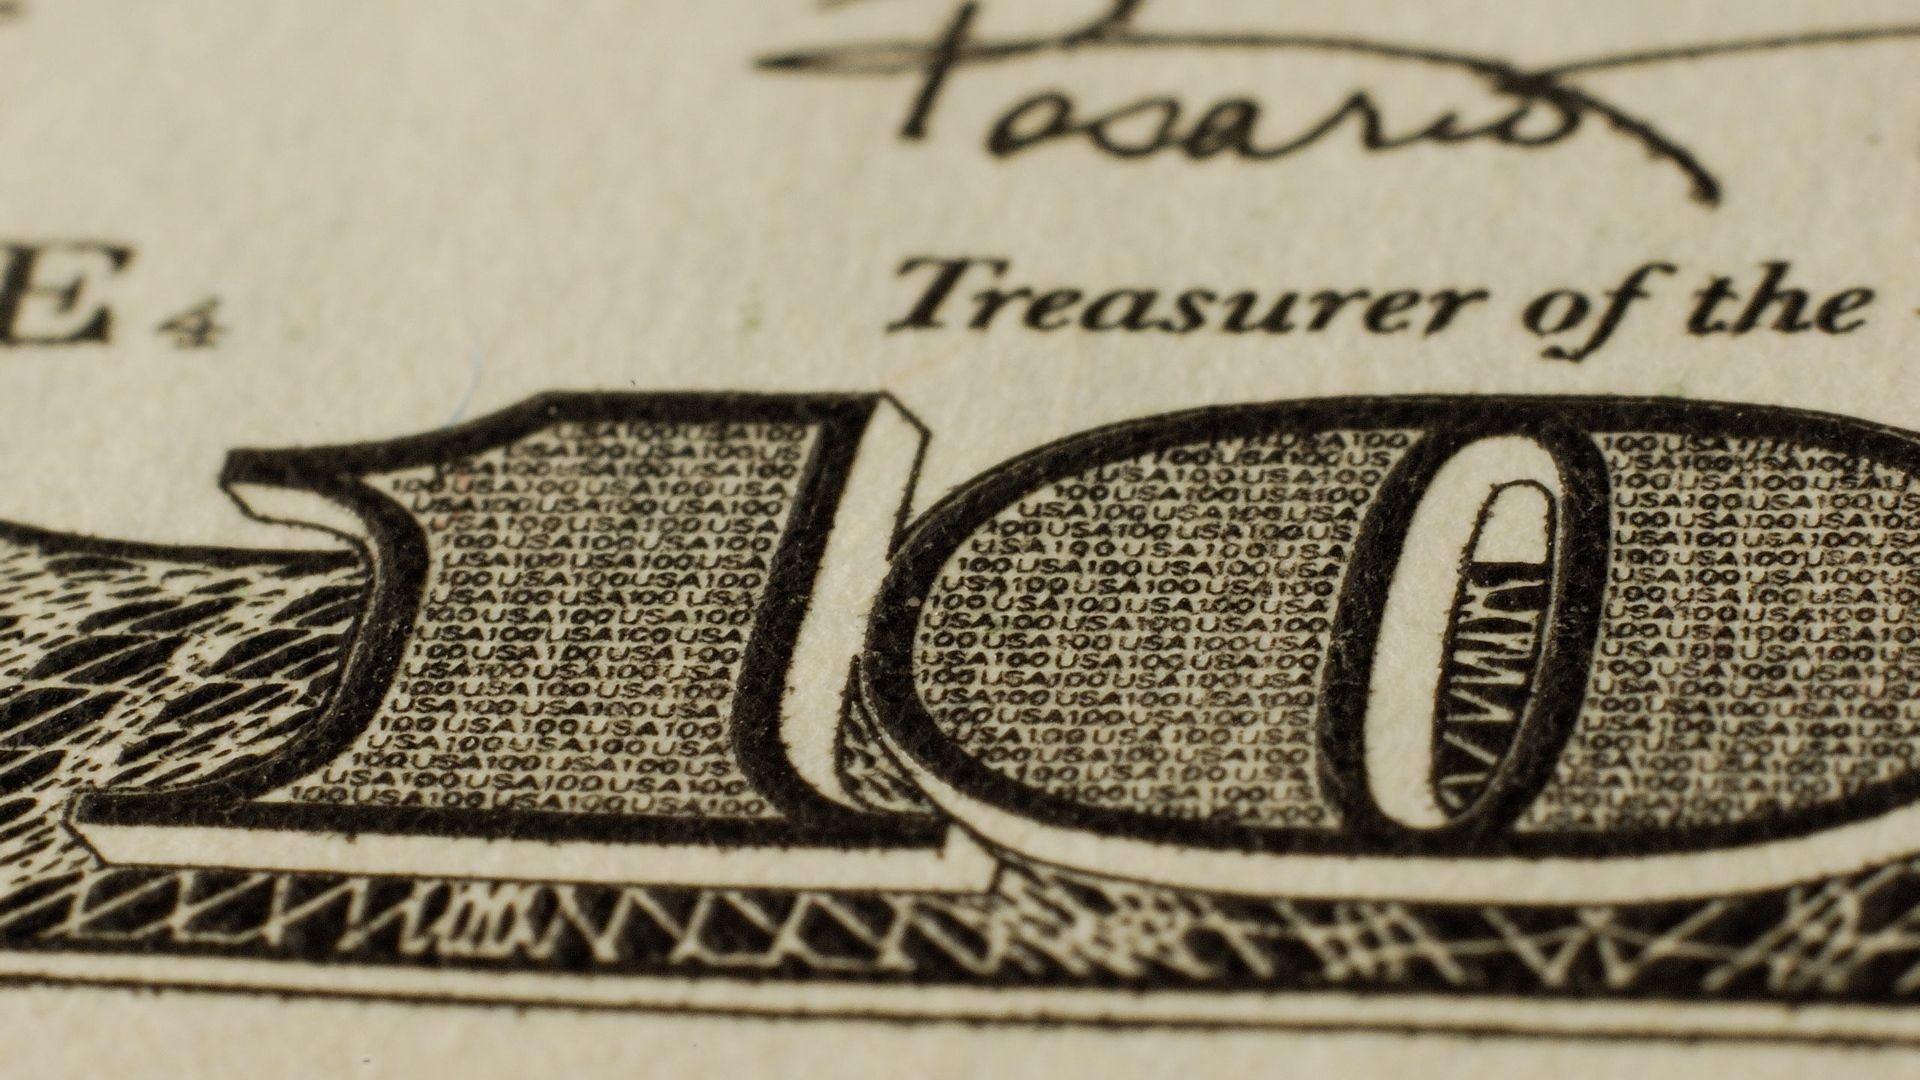 146567壁紙のダウンロードその他, 雑, ドル, 十, 10, ビル, 紙幣, 数字, 像, 論文, 紙-スクリーンセーバーと写真を無料で